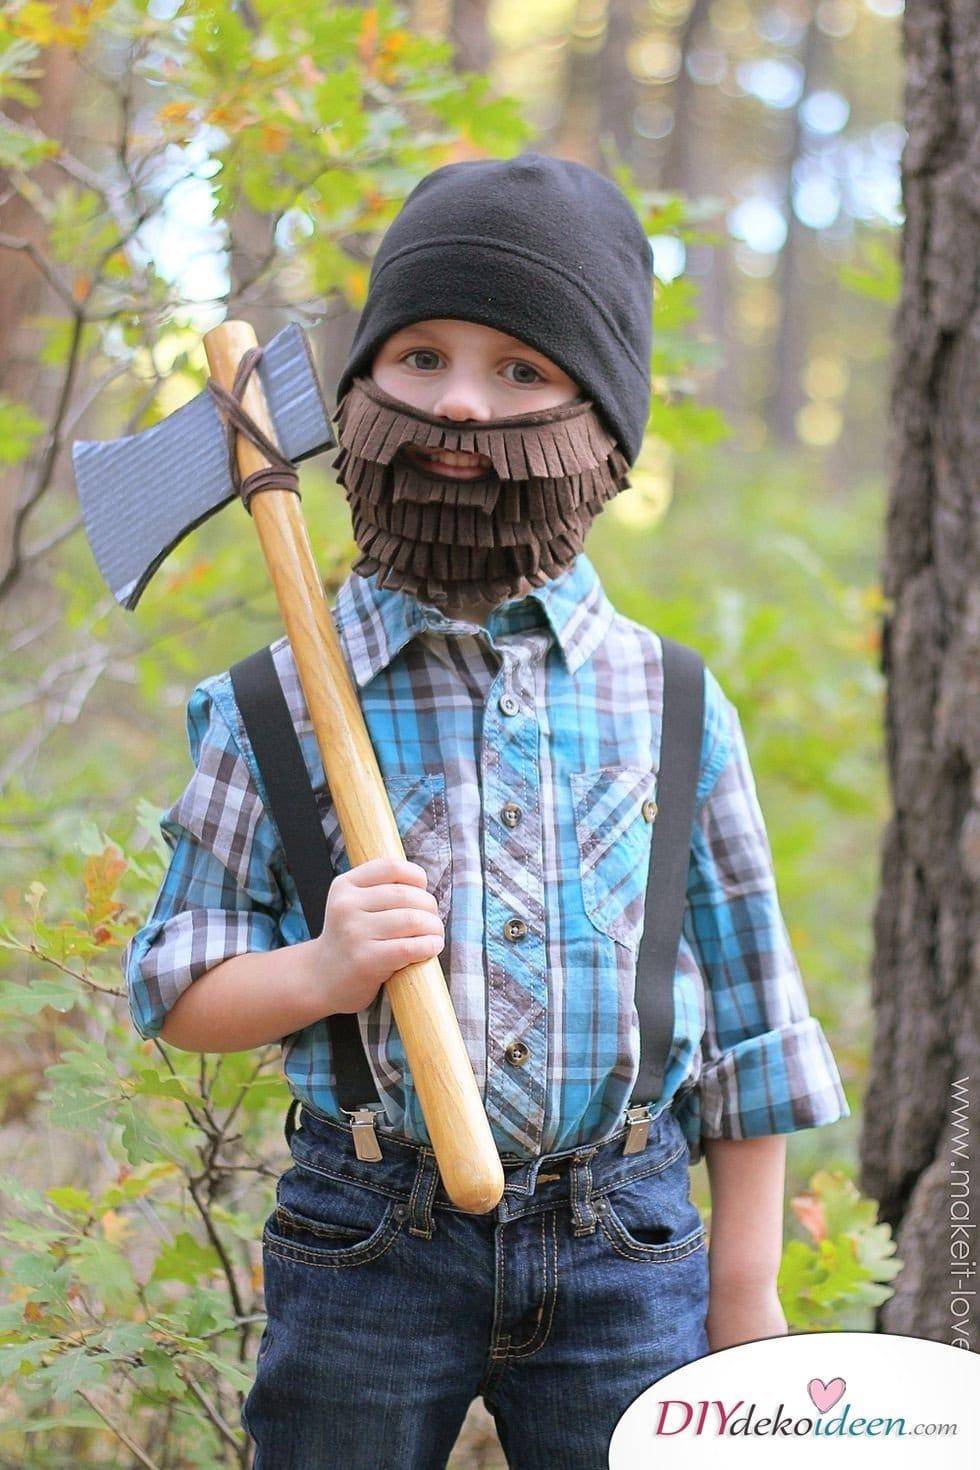 15 witzige Halloween Kostüm Ideen für Kinder zum selbermachen - Holzfäller - Kinderkostüm